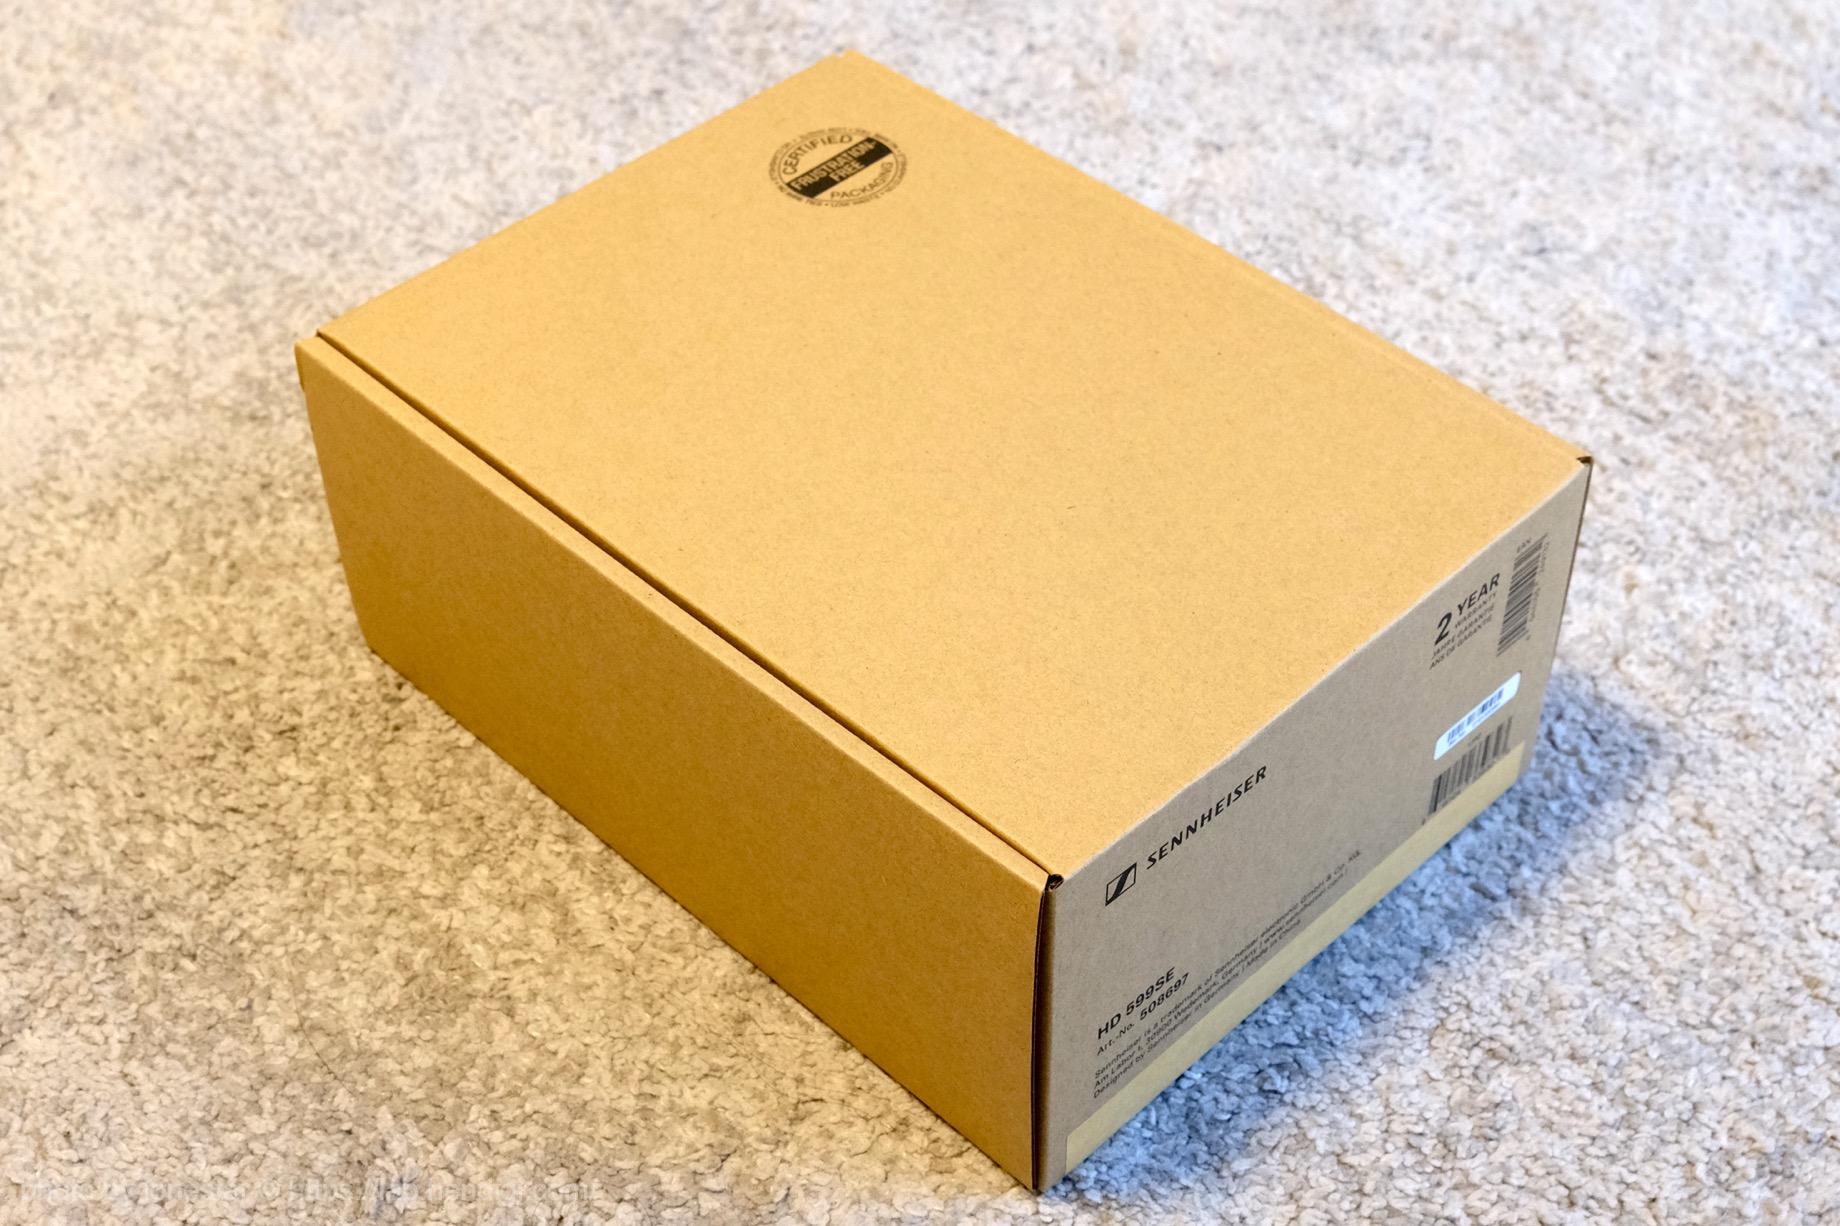 ゼンハイザー HD 599 SE レビュー